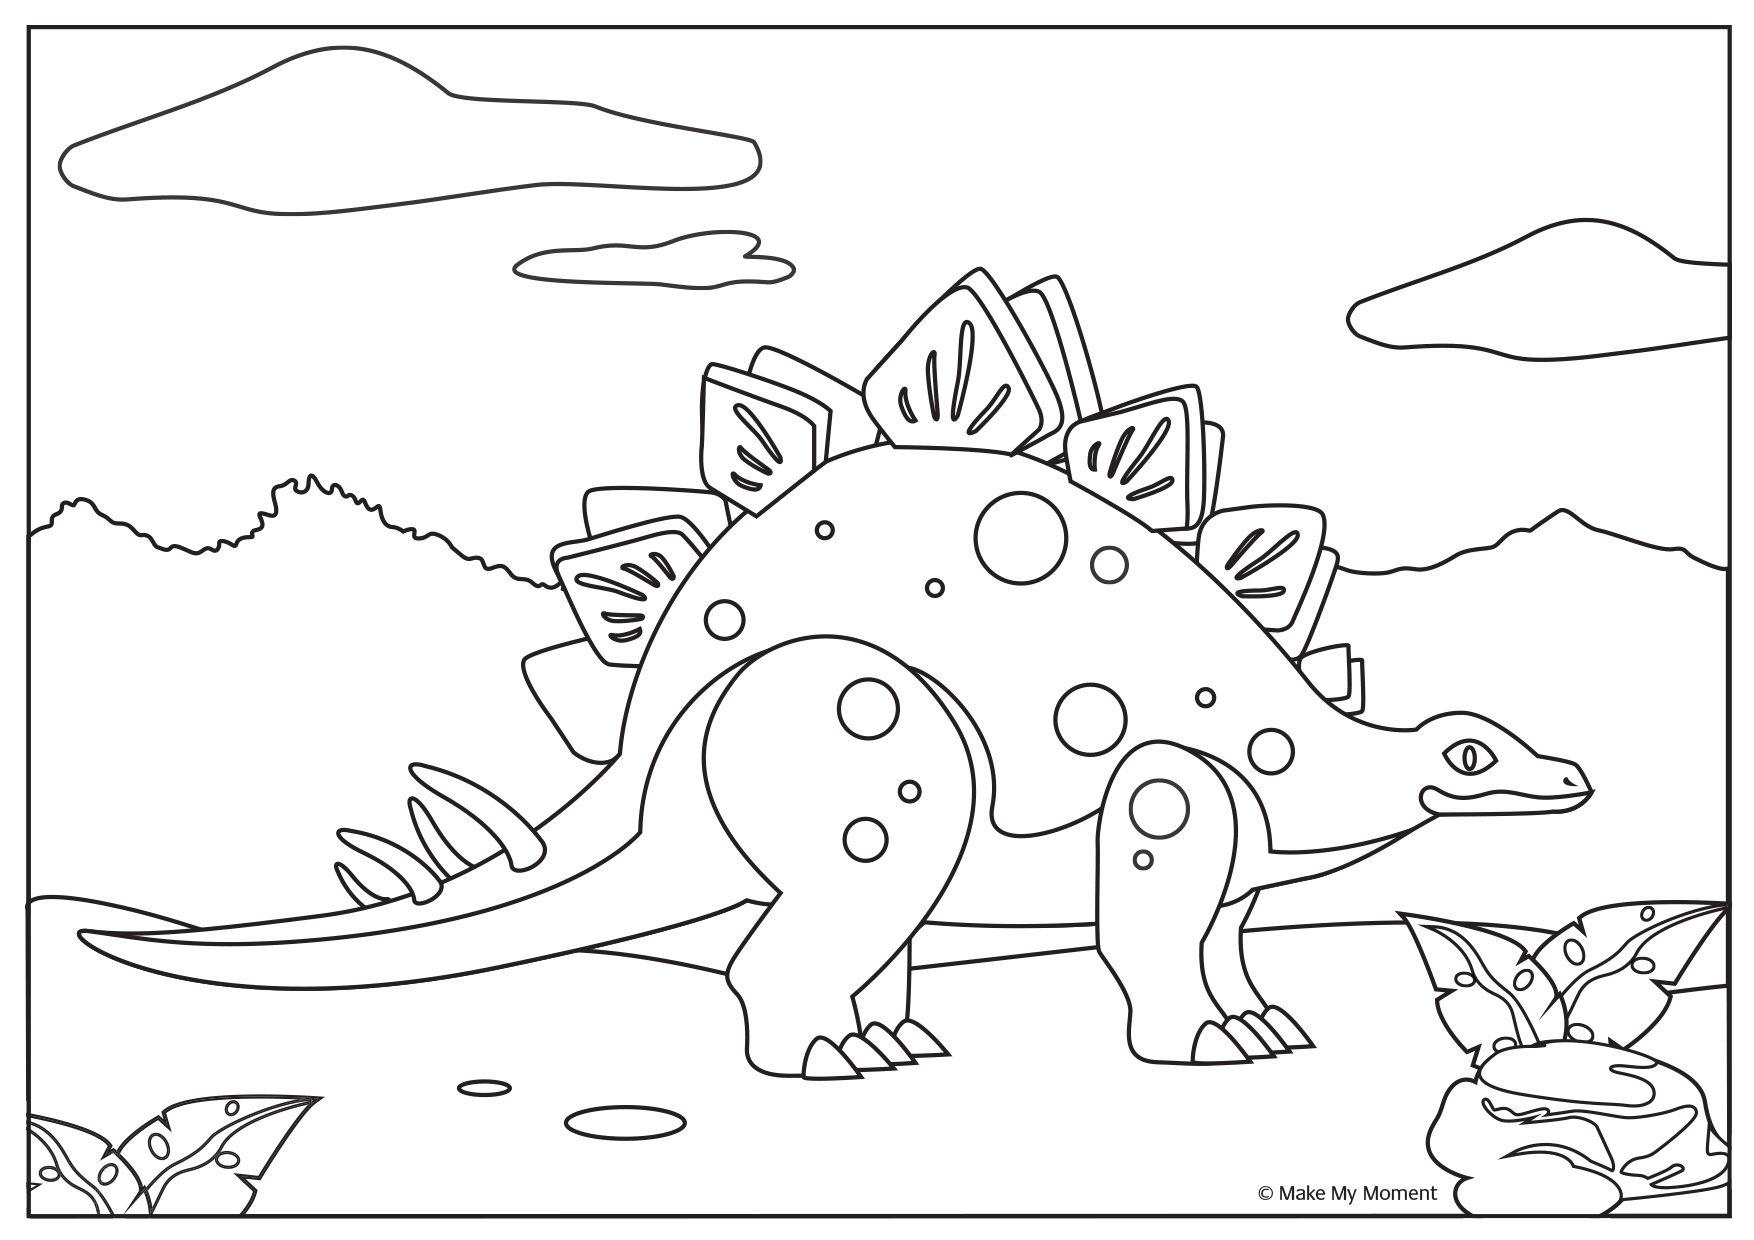 Gratis Dinosaurus Kleurplaat Te Downloaden Download Free Dinosaur Coloring Page Kleurplaten Dieren Kleurplaten Dieren